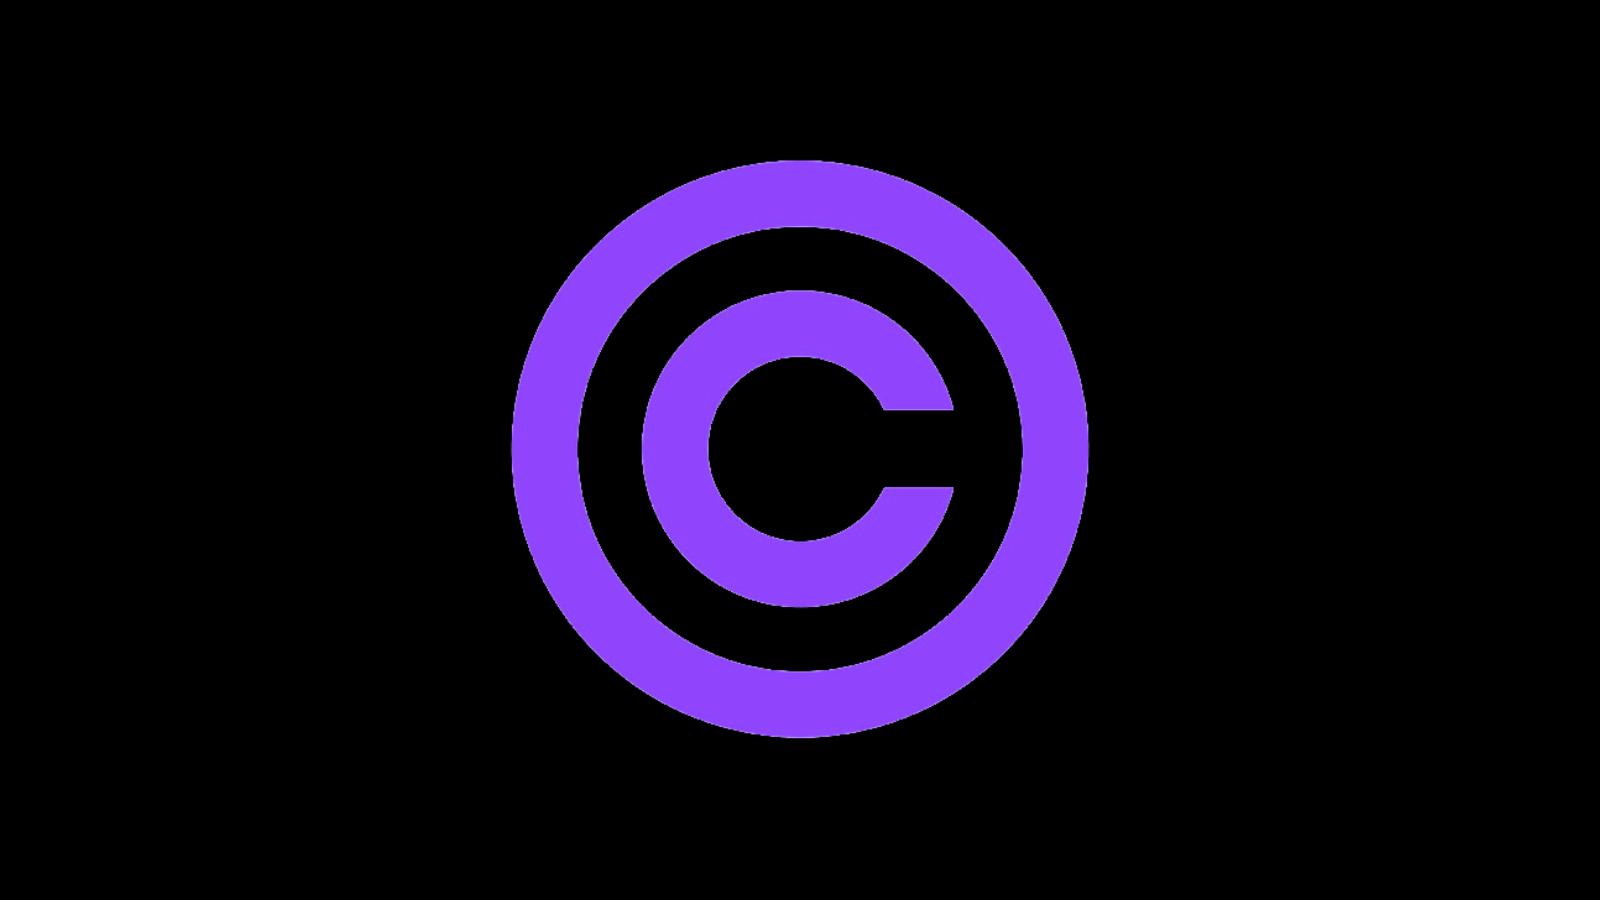 Twitch DMCA copyright logo